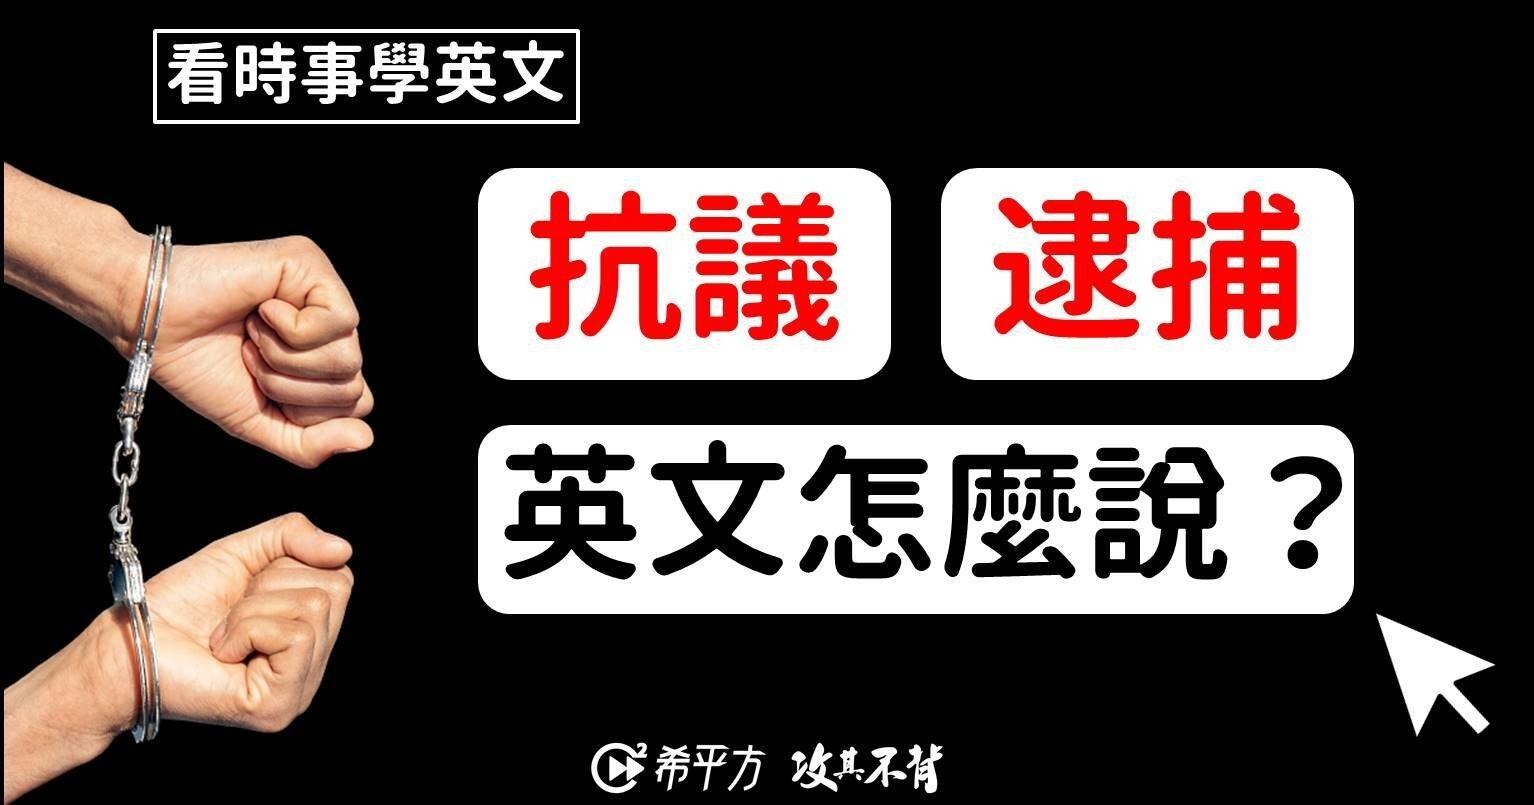 照片中提到了看時事學英文、抗議逮捕、英文怎麼說?,包含了徐薇英文、牌、電腦字體、徐若Ruby